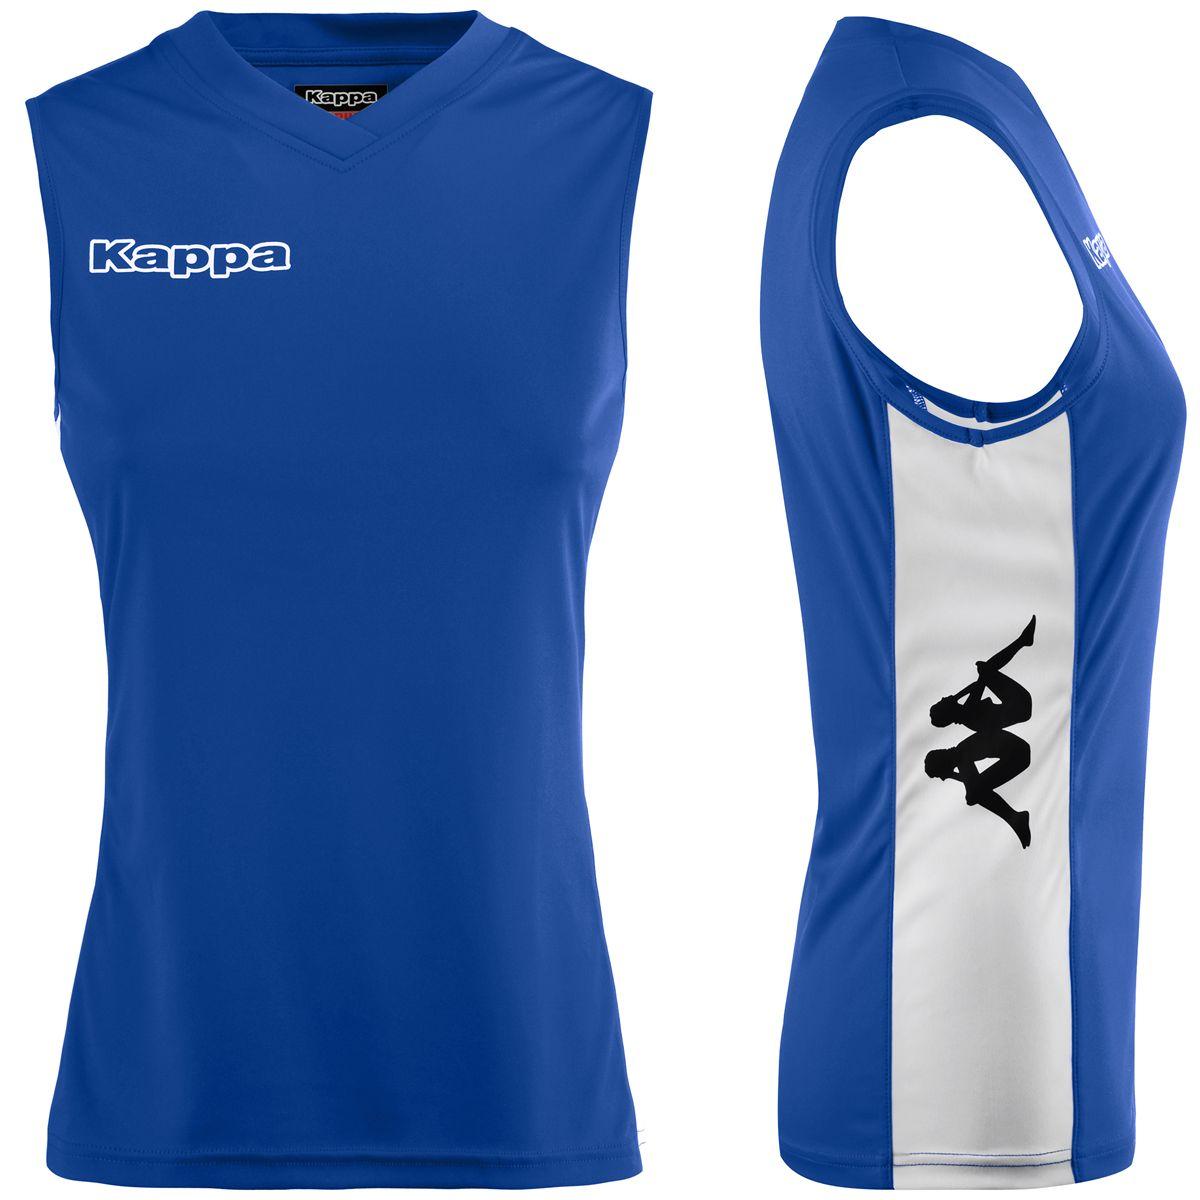 Kappa T-shirt sportiva KAPPA4VOLLEY AMILA Bambina Pallavolo sport Canotta